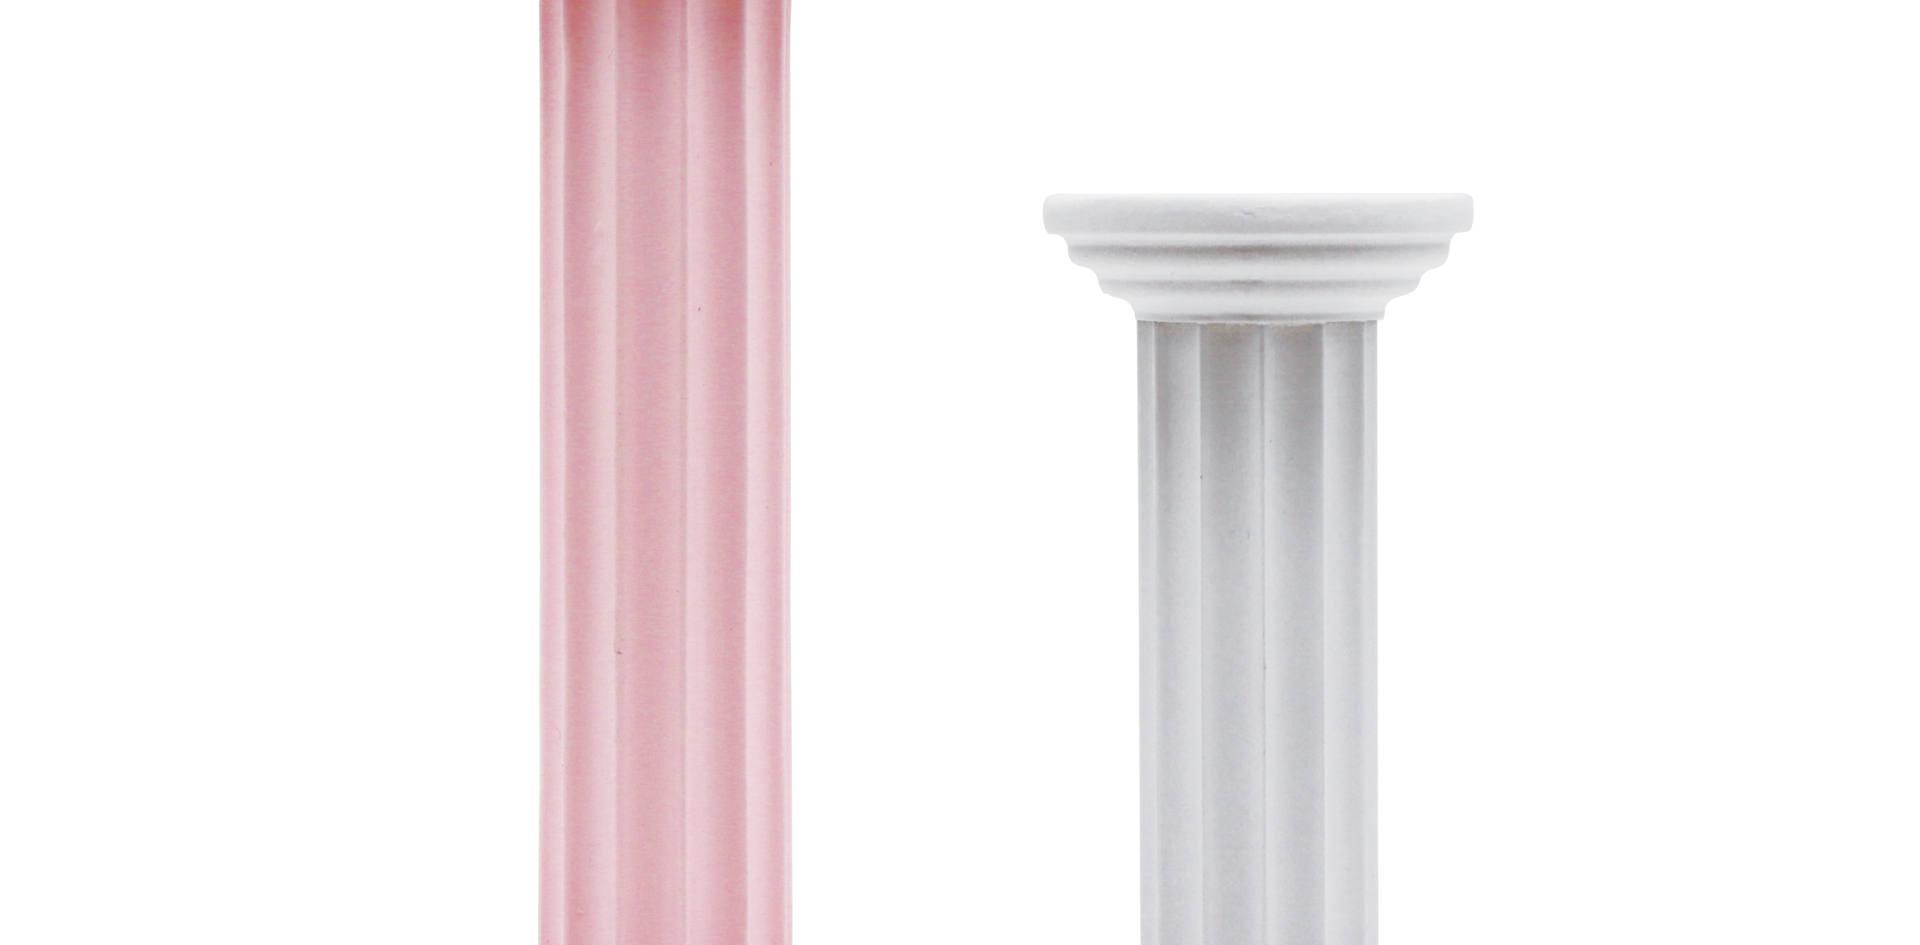 ギリシャ柱サイズ比較.jpg